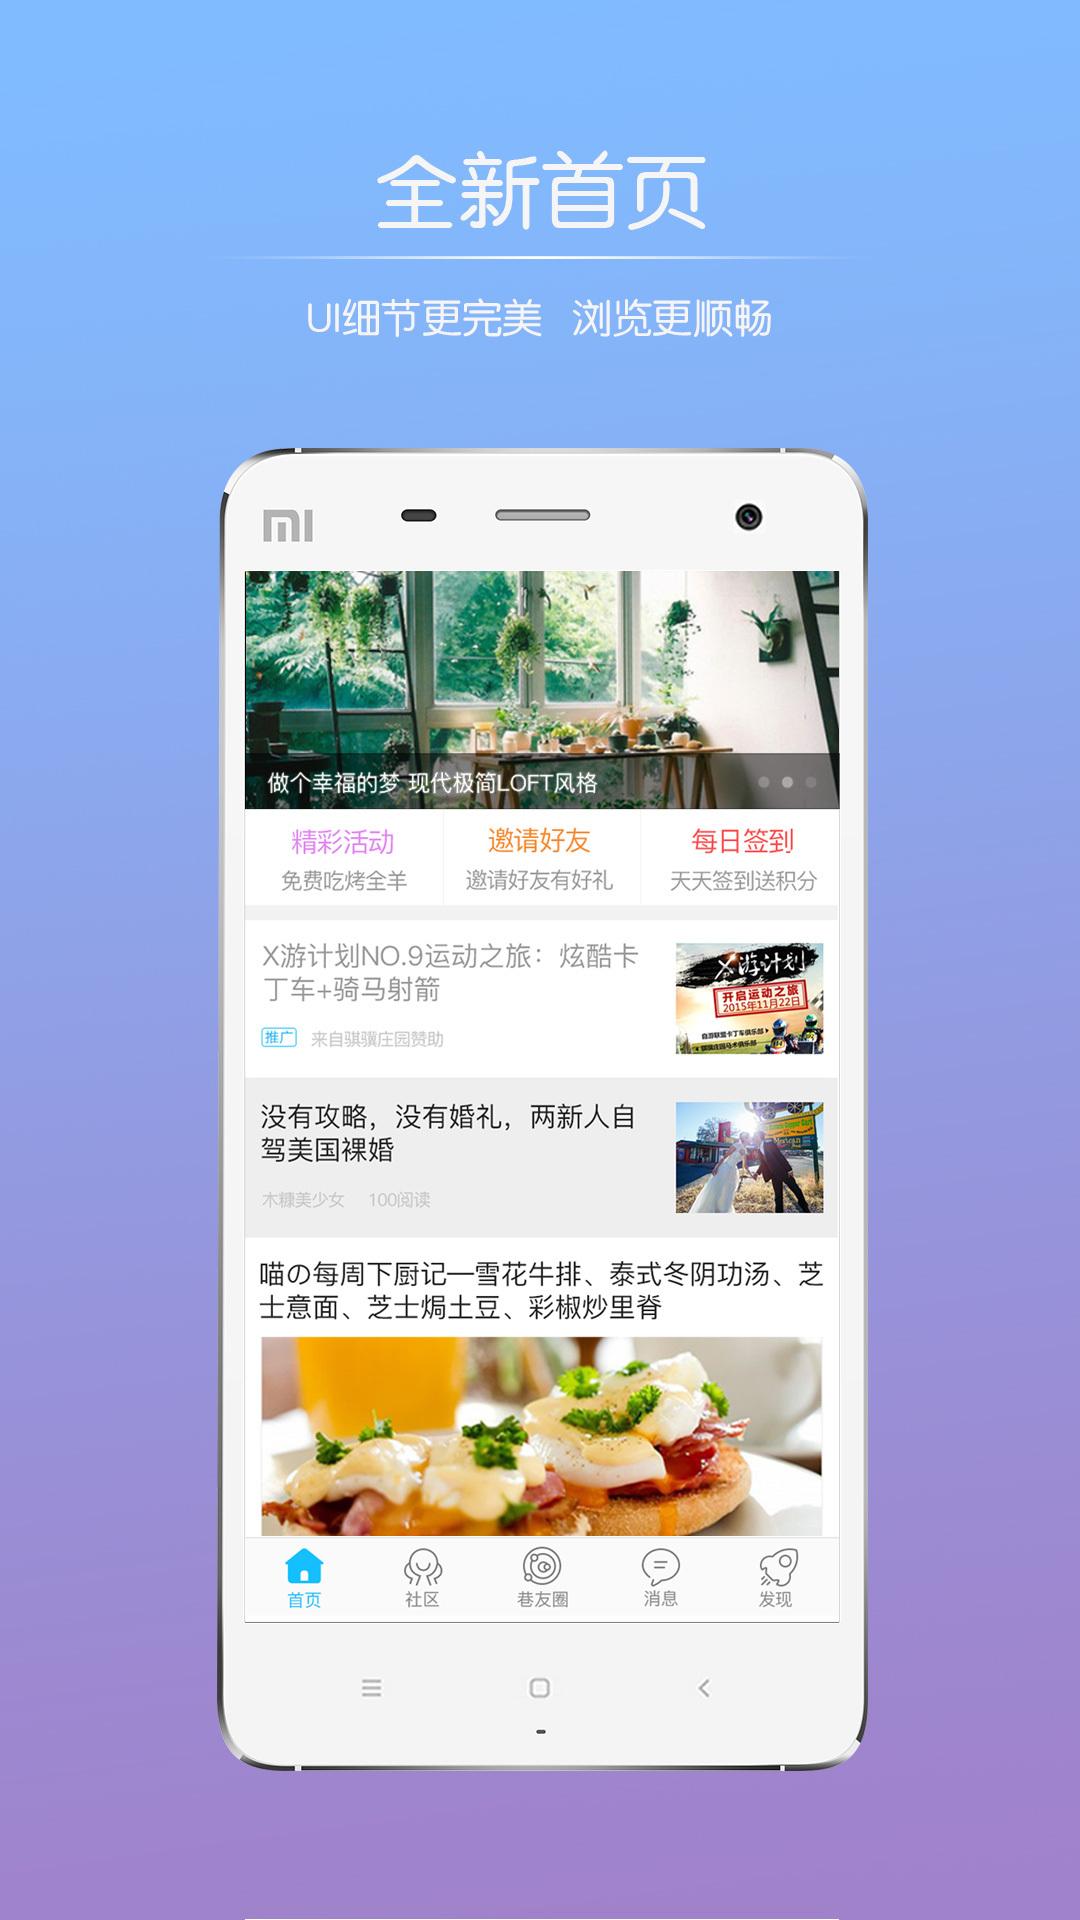 洪雅论坛app官方下载客户端图2: